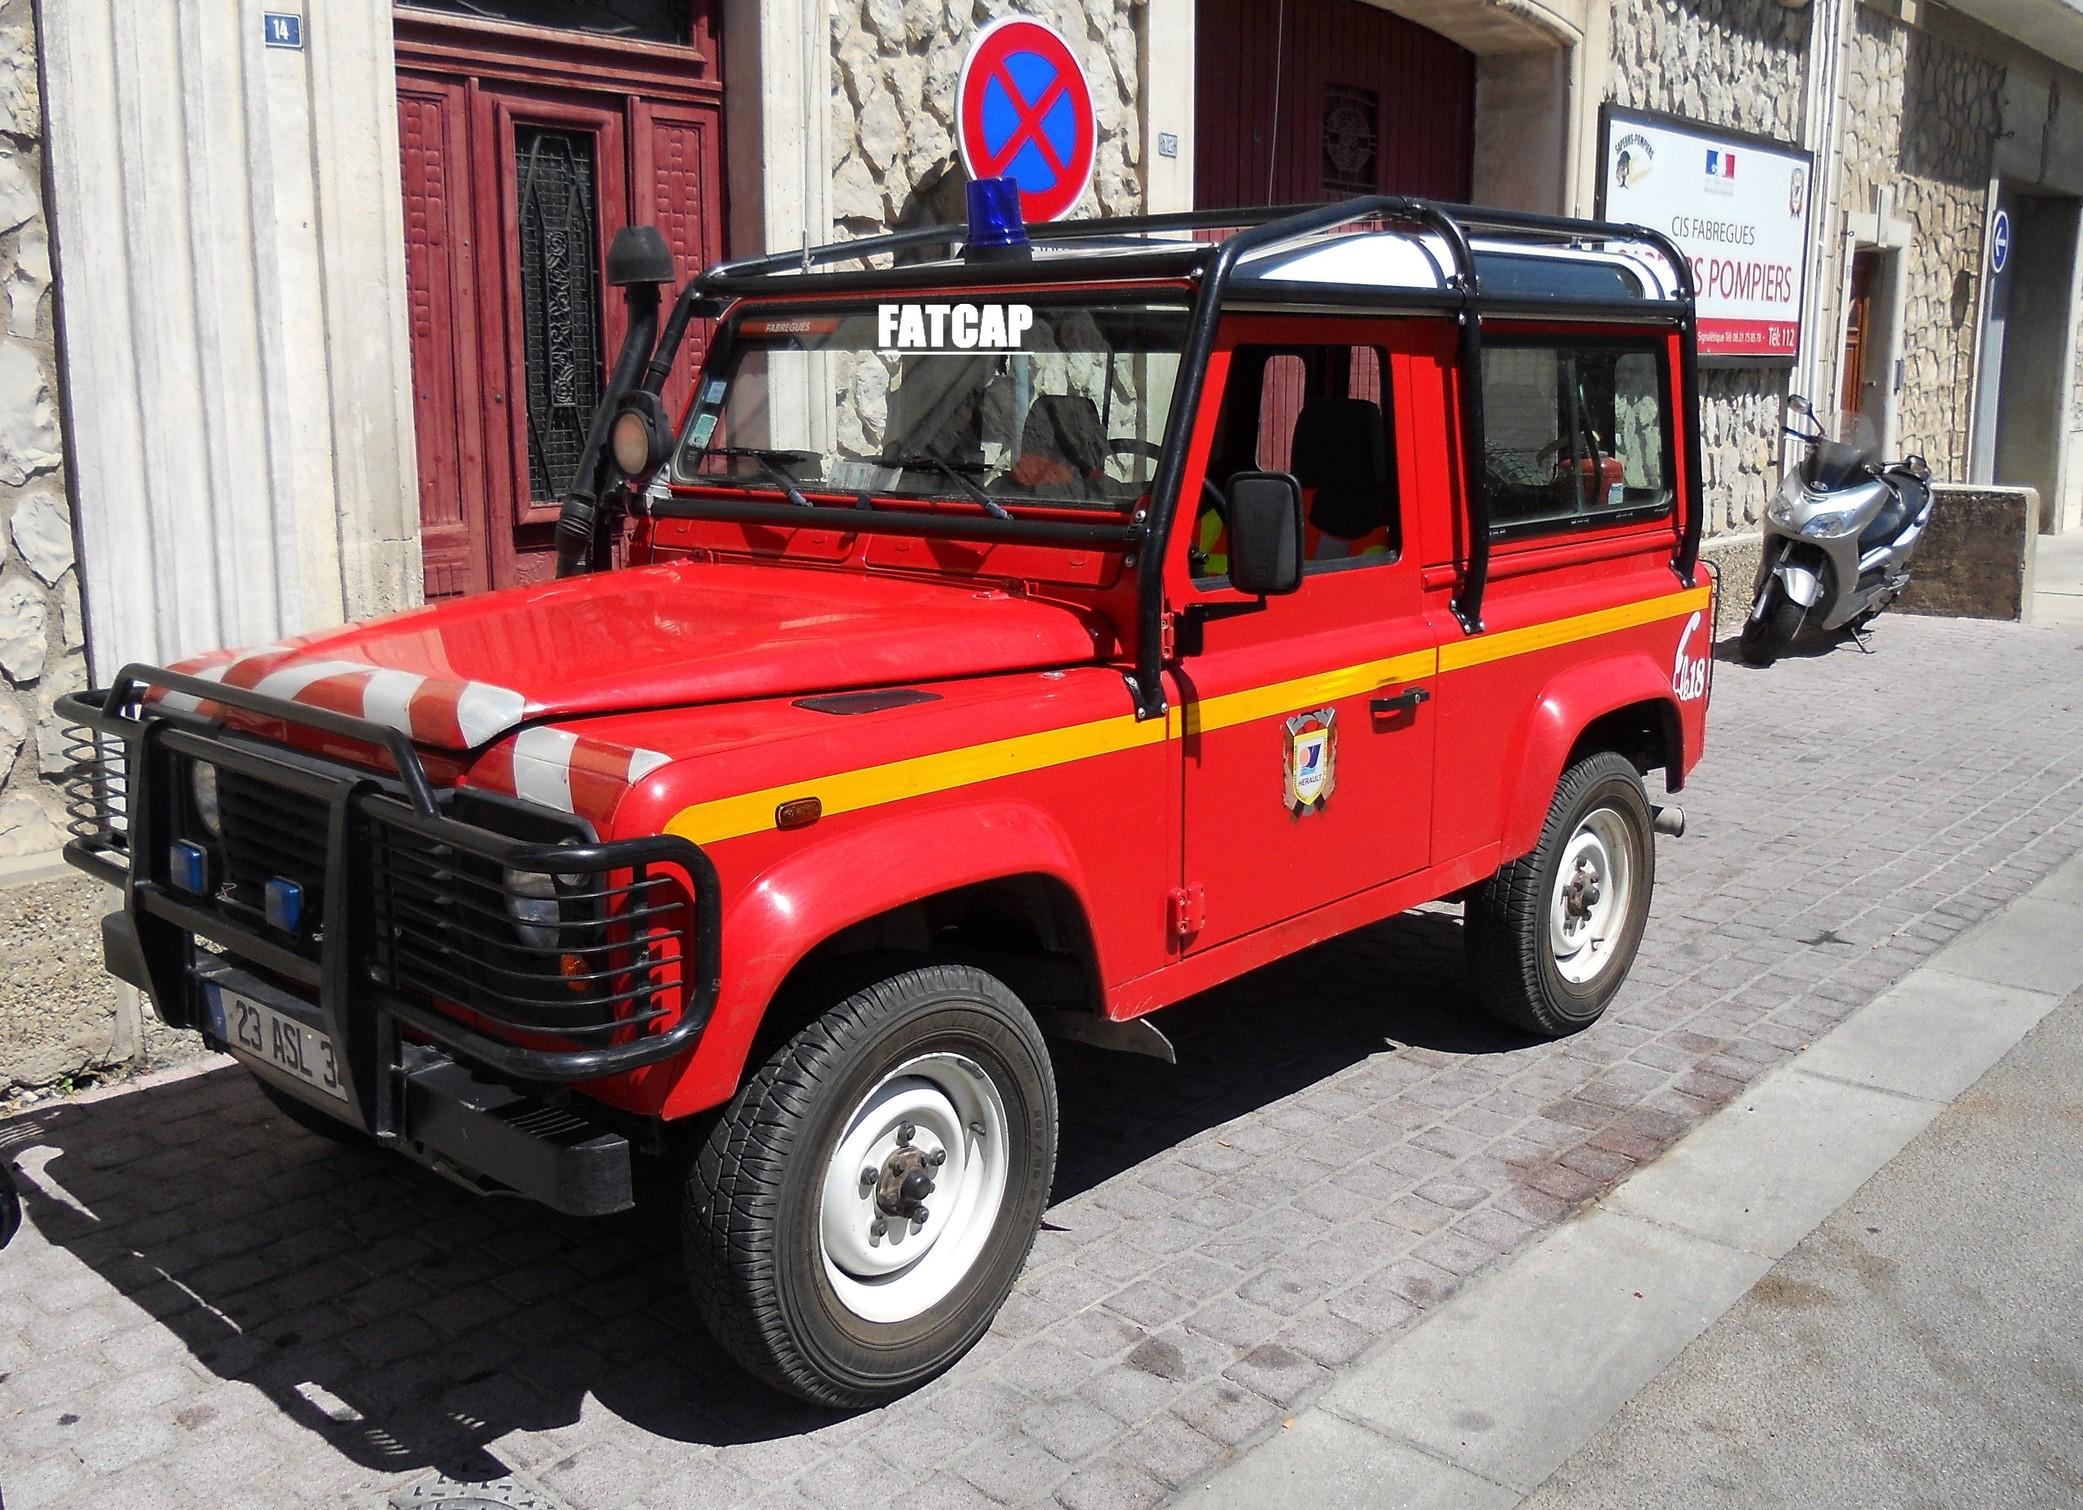 V hicules des pompiers fran ais page 1257 auto titre for Garage auto frontignan